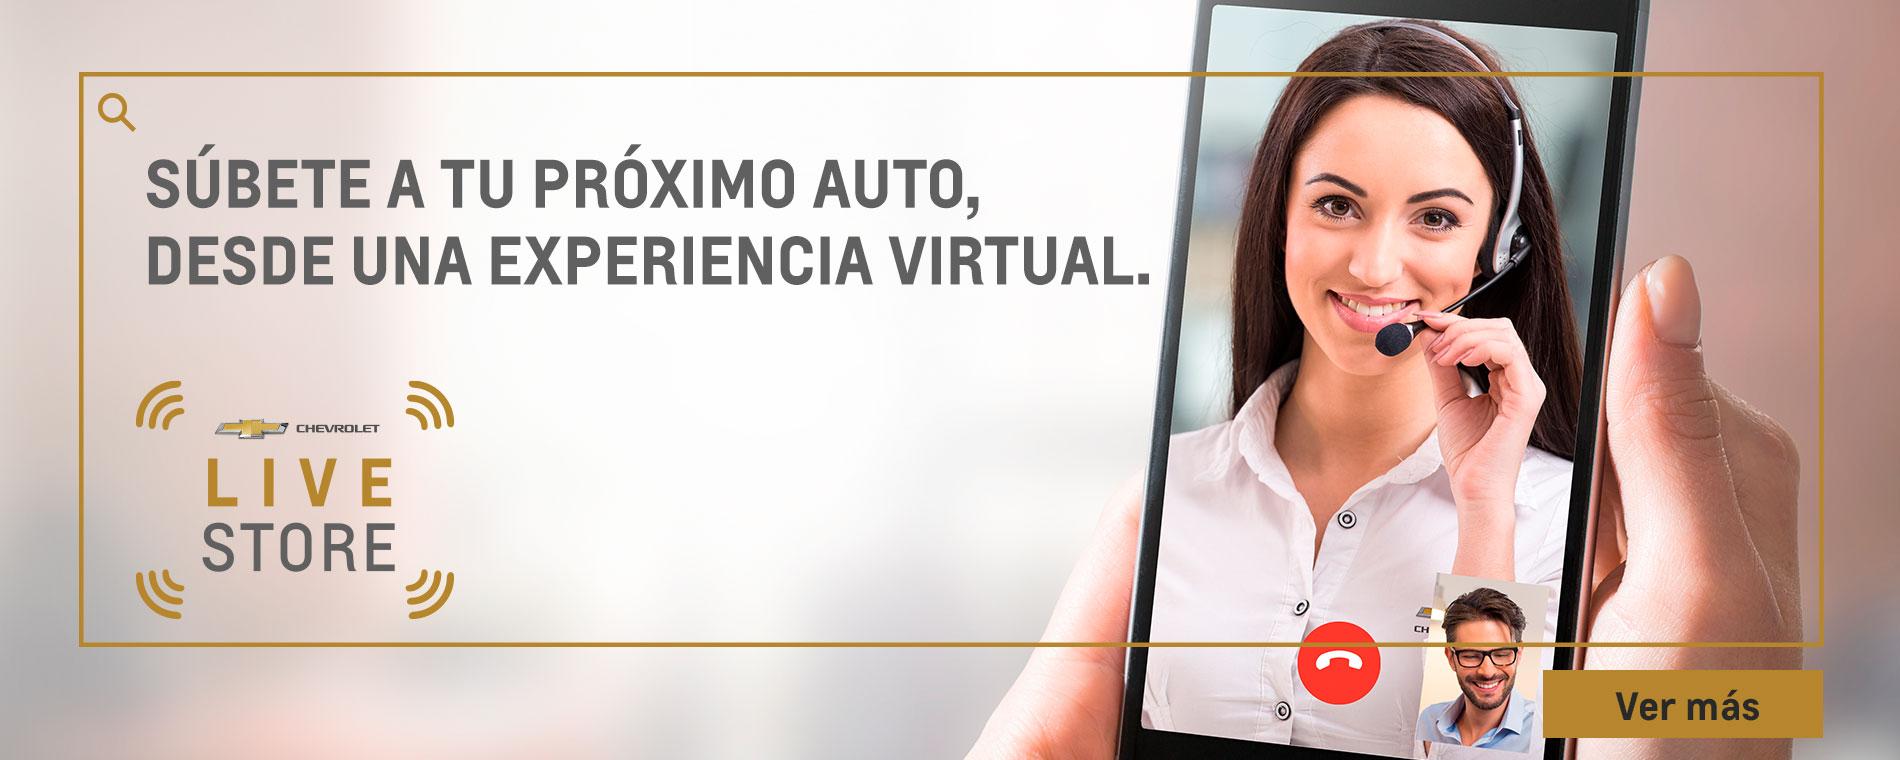 Chevrolet Disautos -  Live Store